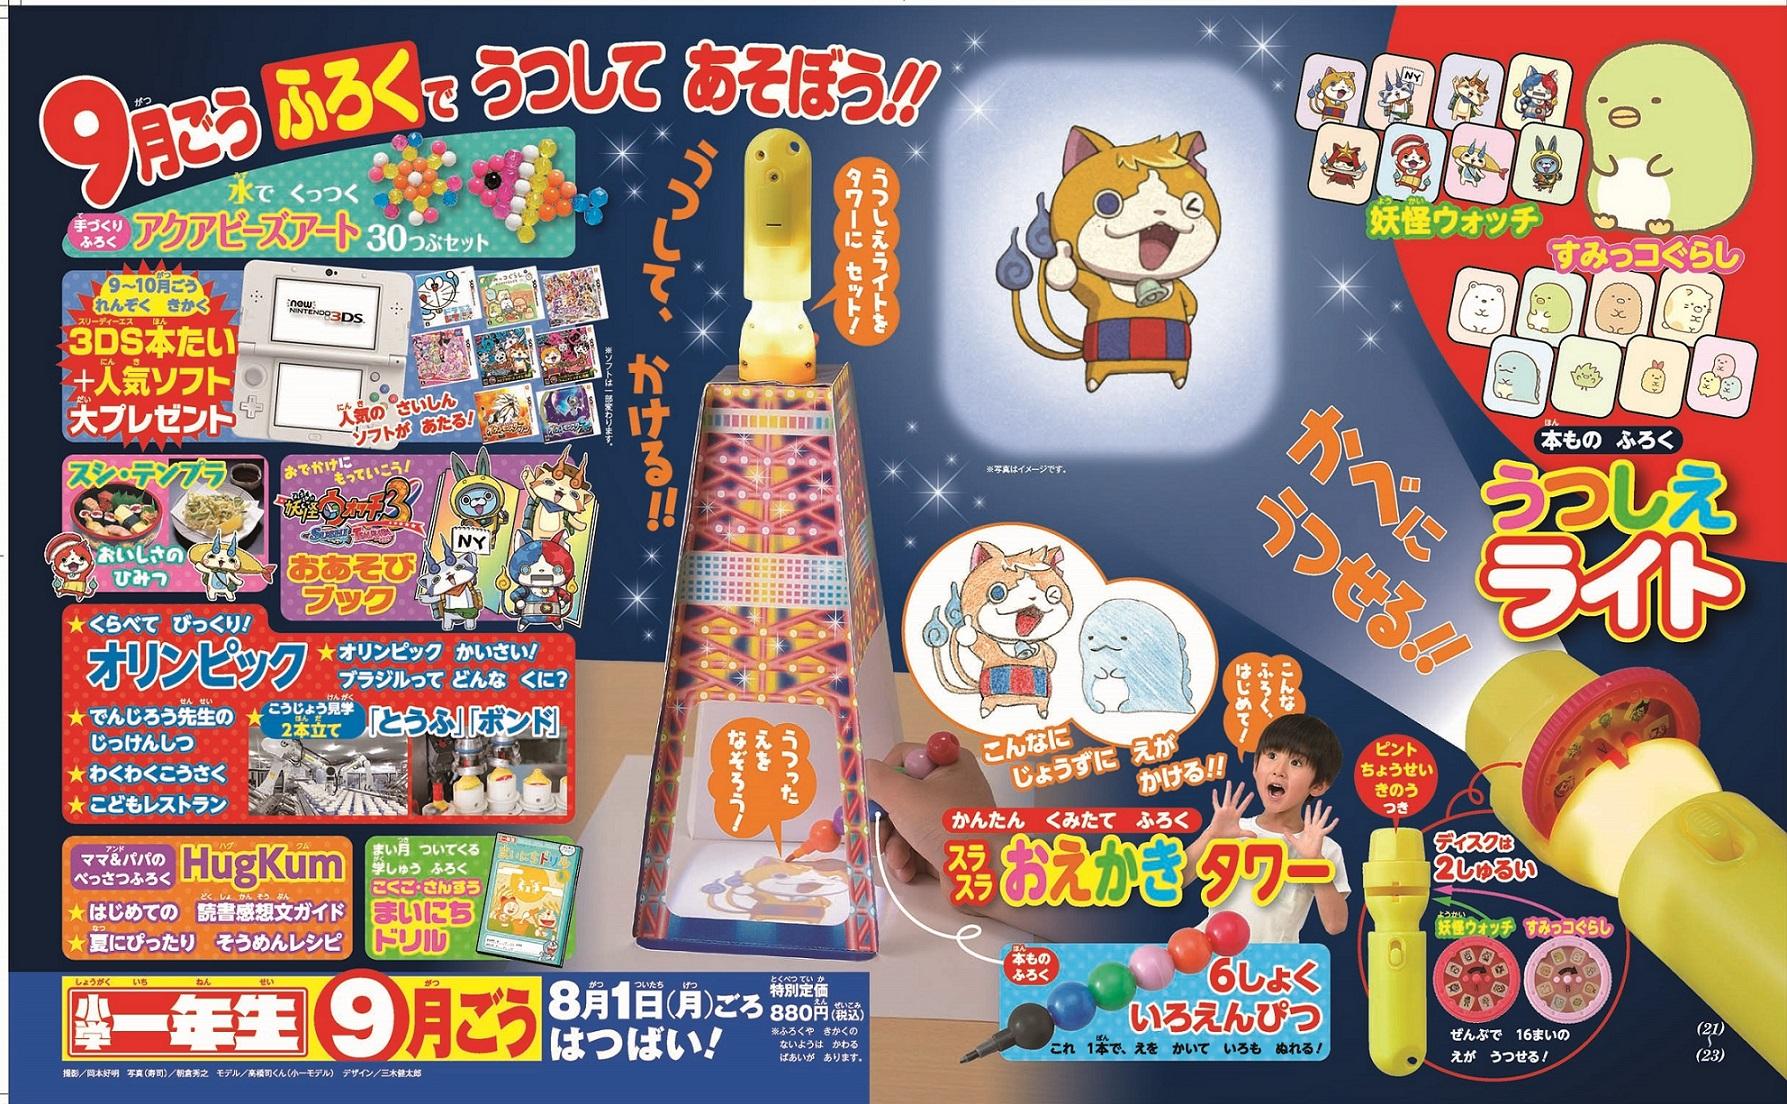 【速報】9月号付録は「うつしえライト」&「おえかきタワー」で、絵描き力アップ!